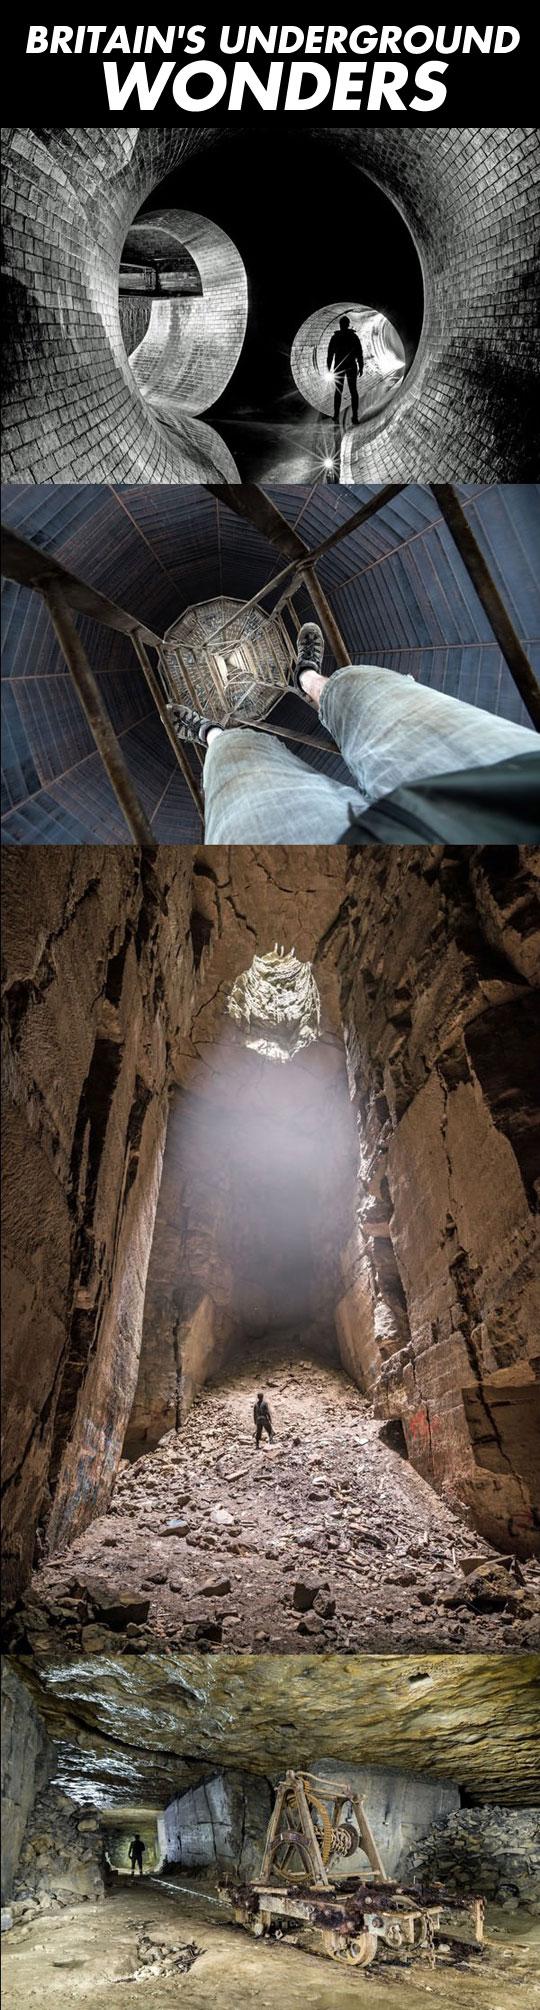 cool-Britain-underground-wonders-photos